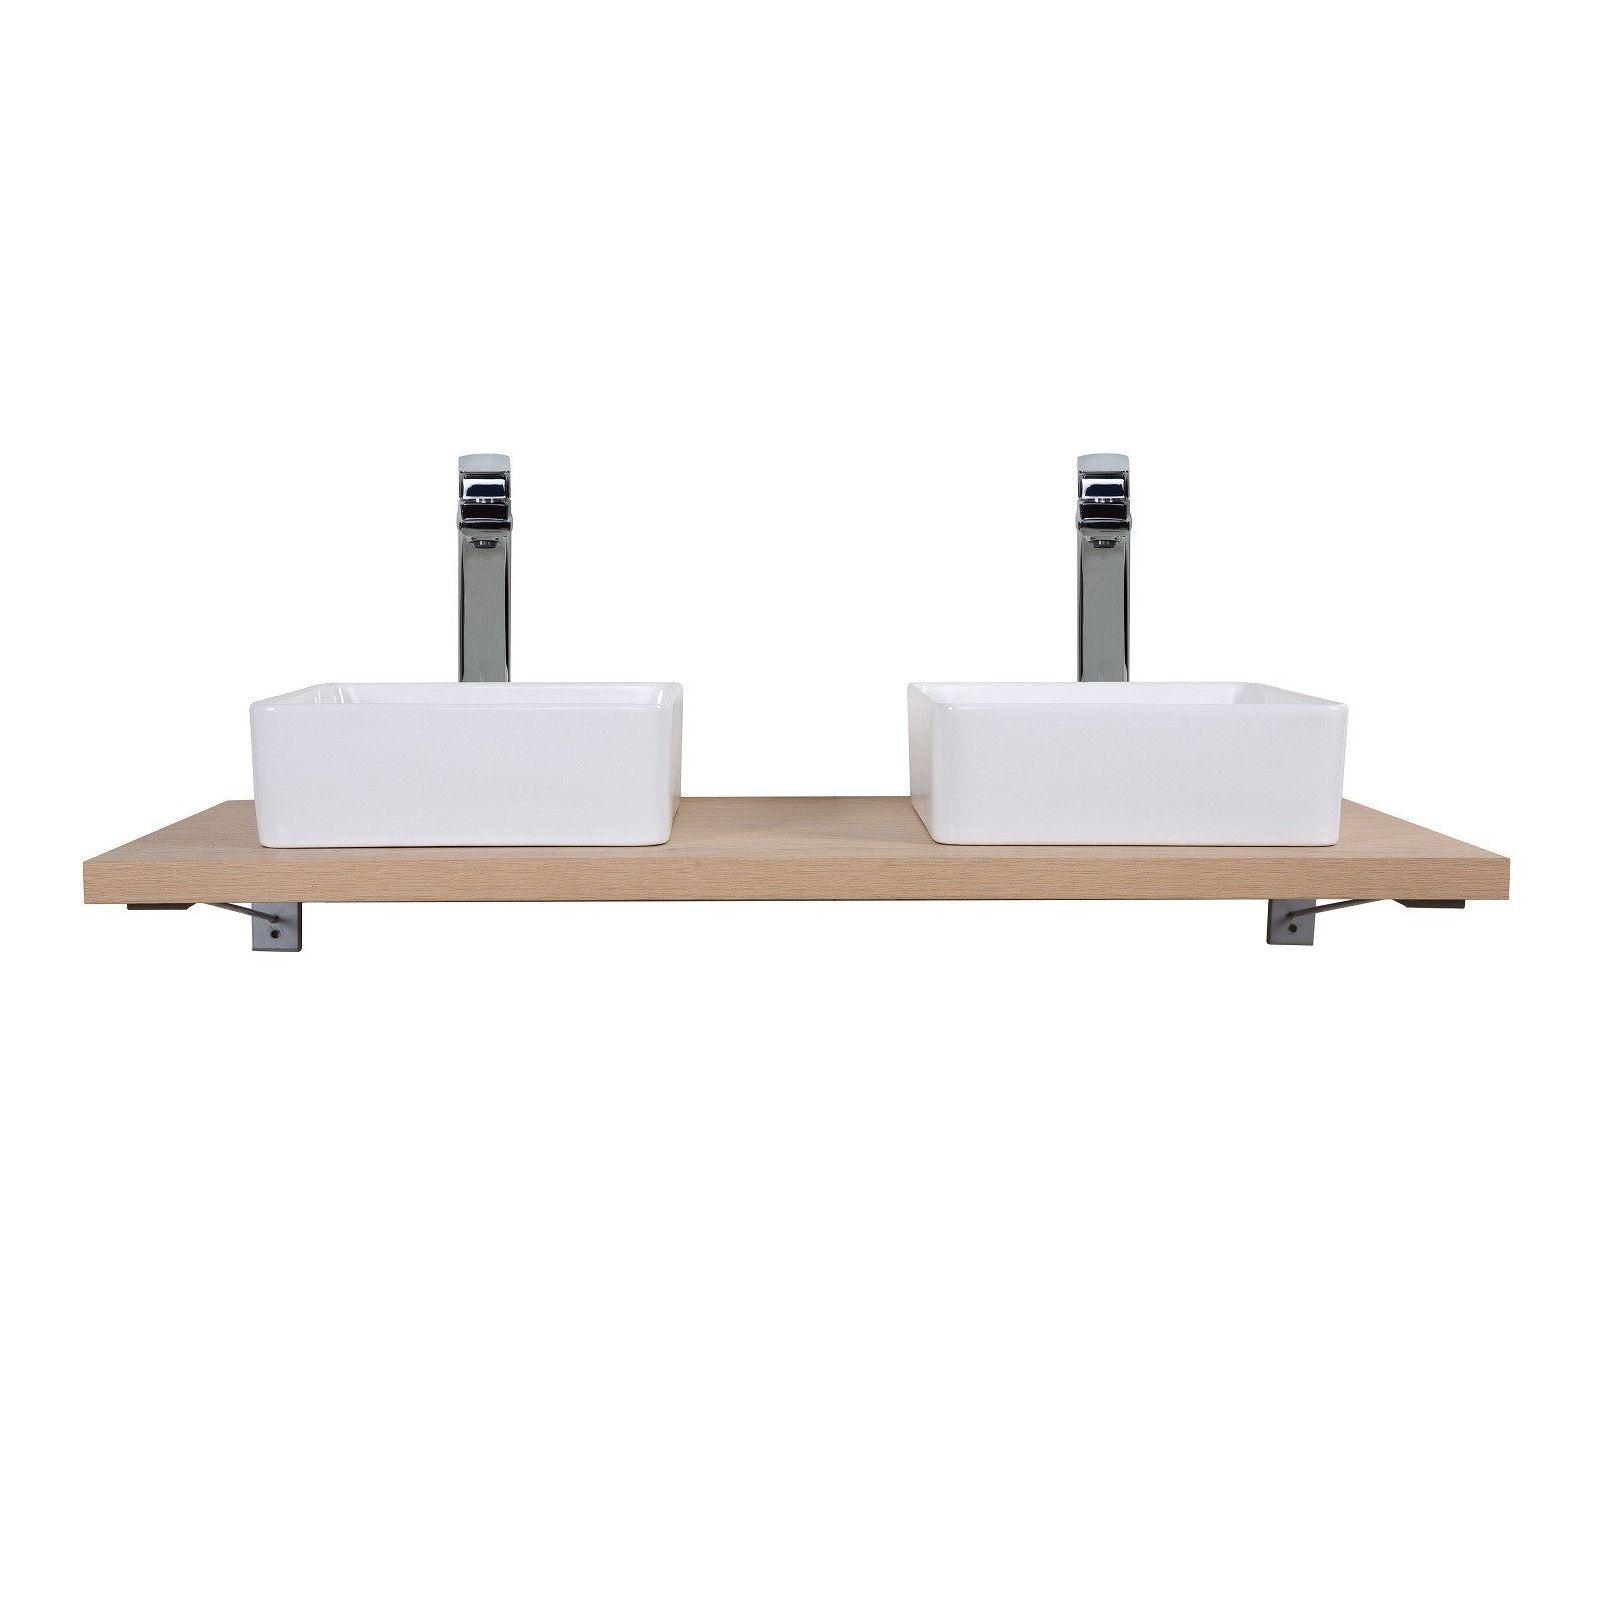 Plan de toilette suspendu pour vasque WILL - 120 cm + Equerres Invisibles - Décor Chêne / Effet Béto